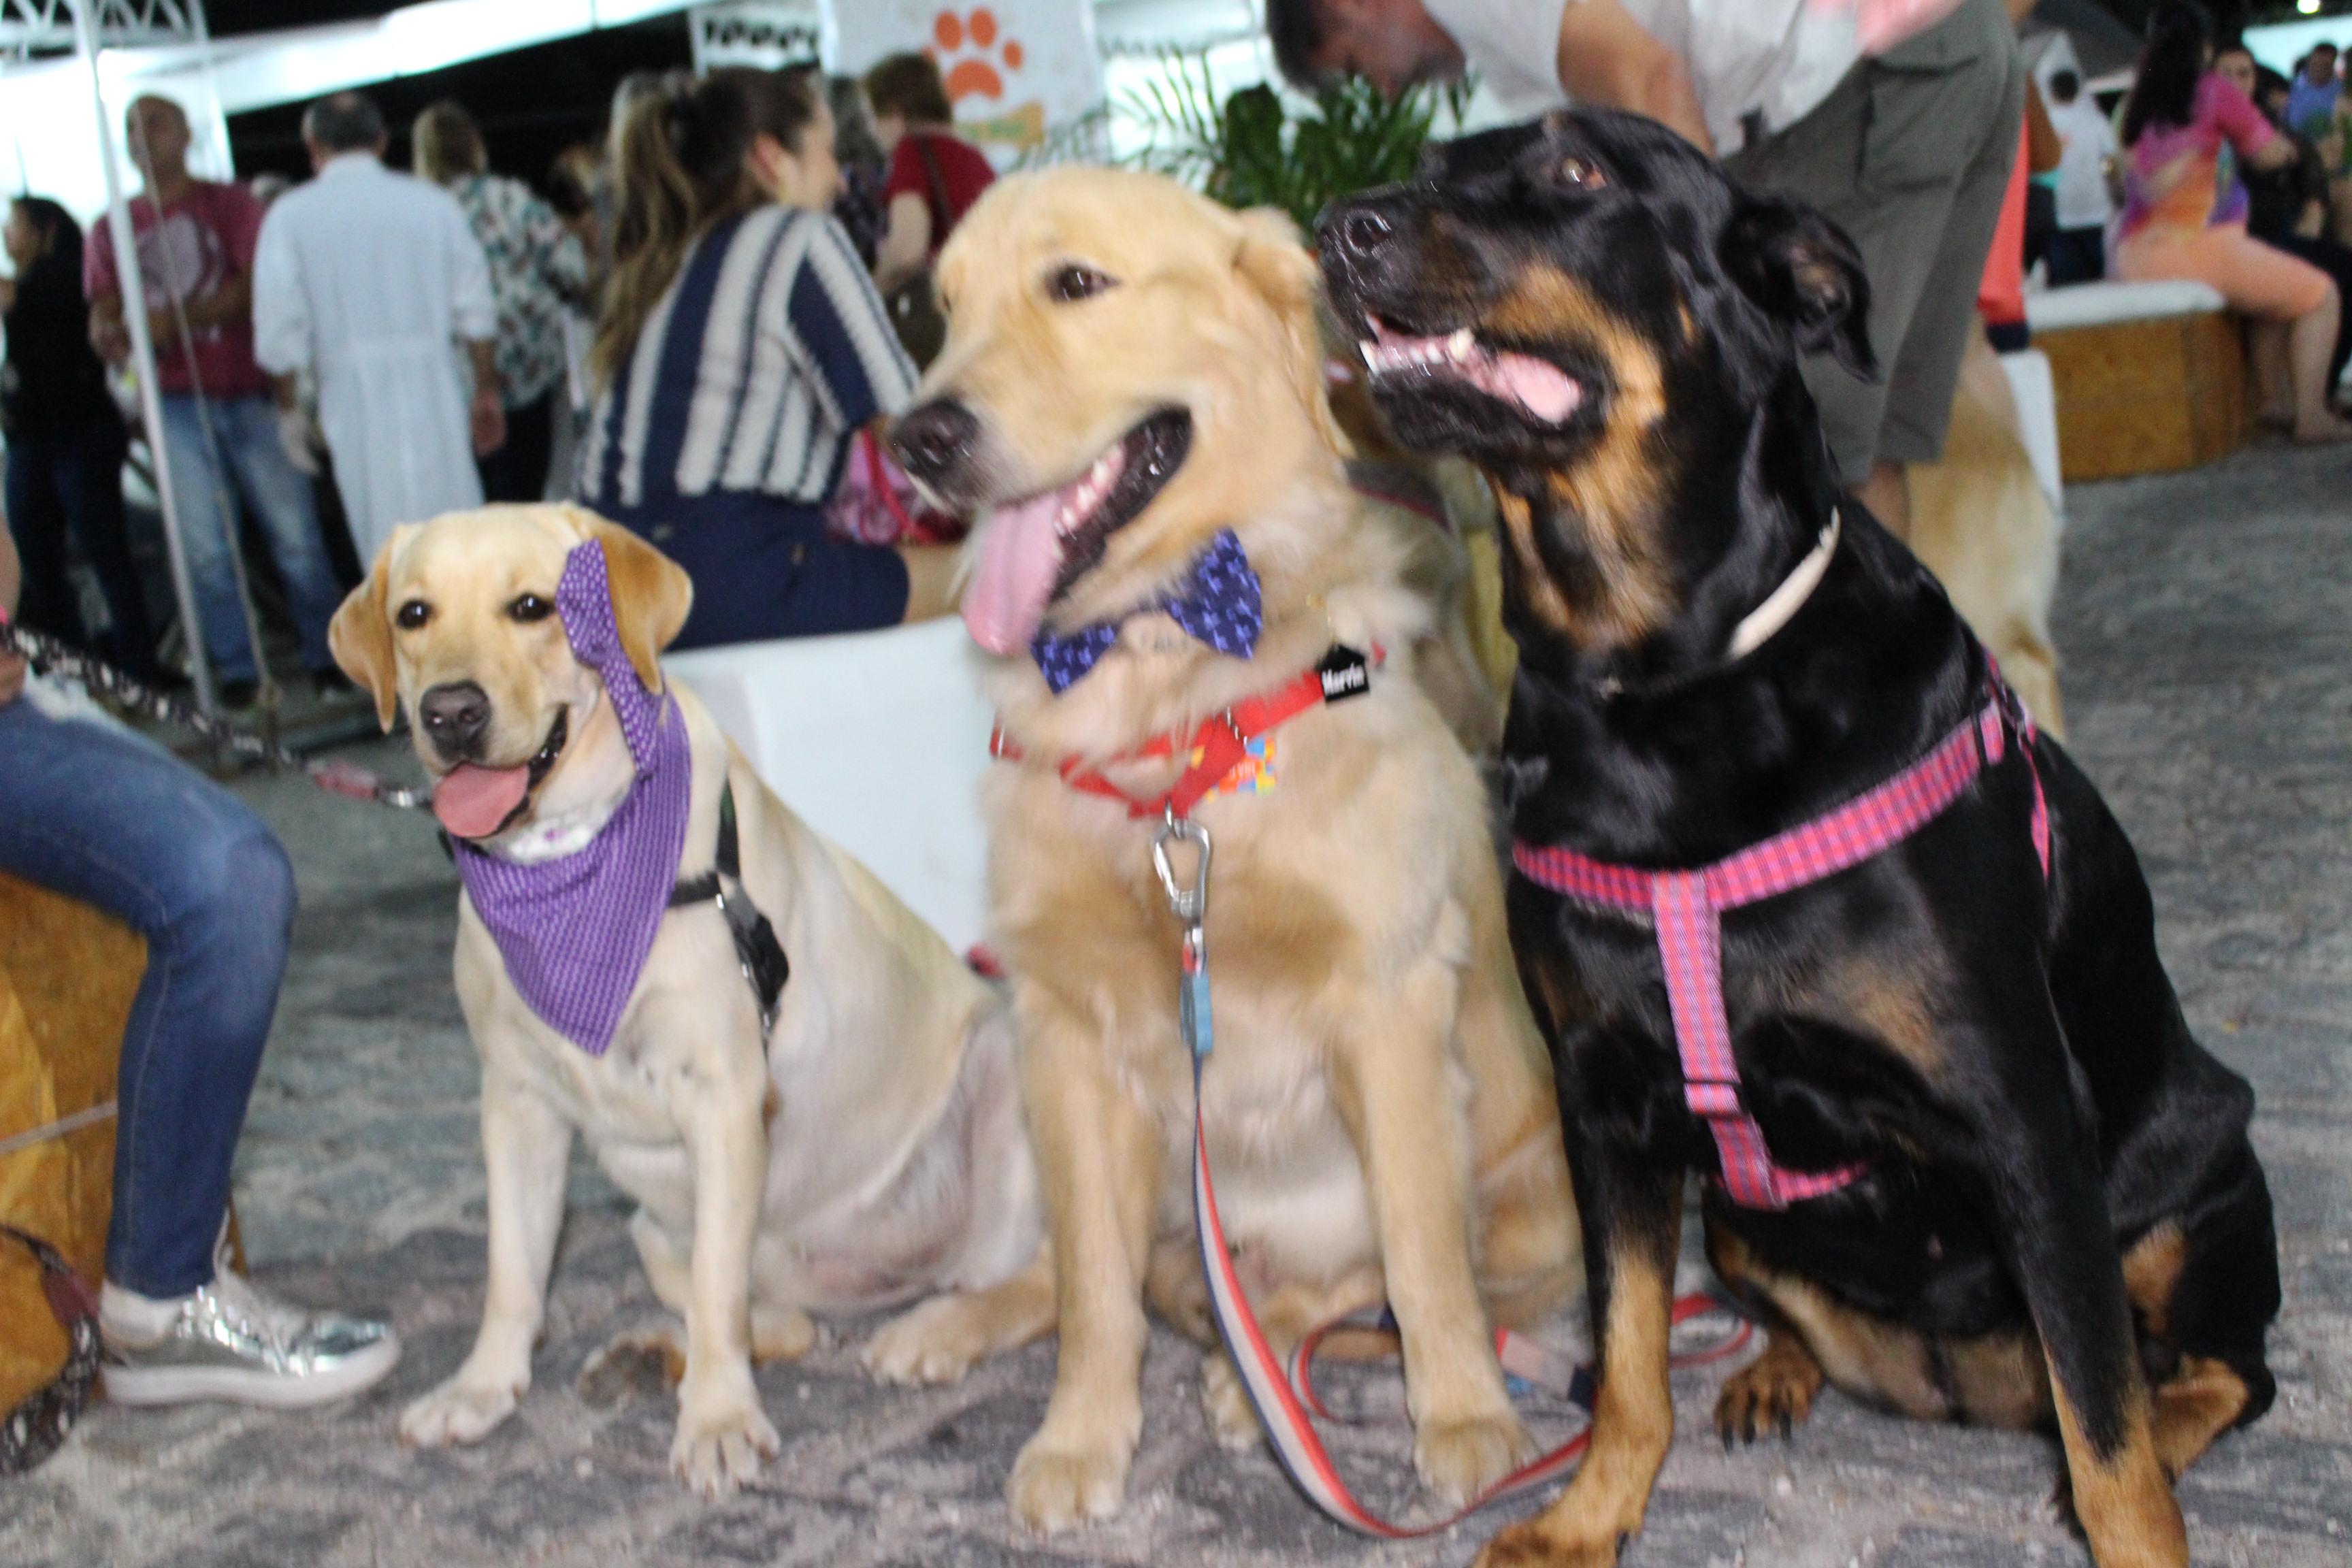 Vila Pet chega ao Iguatemi com serviços e atrações para animais de estimação